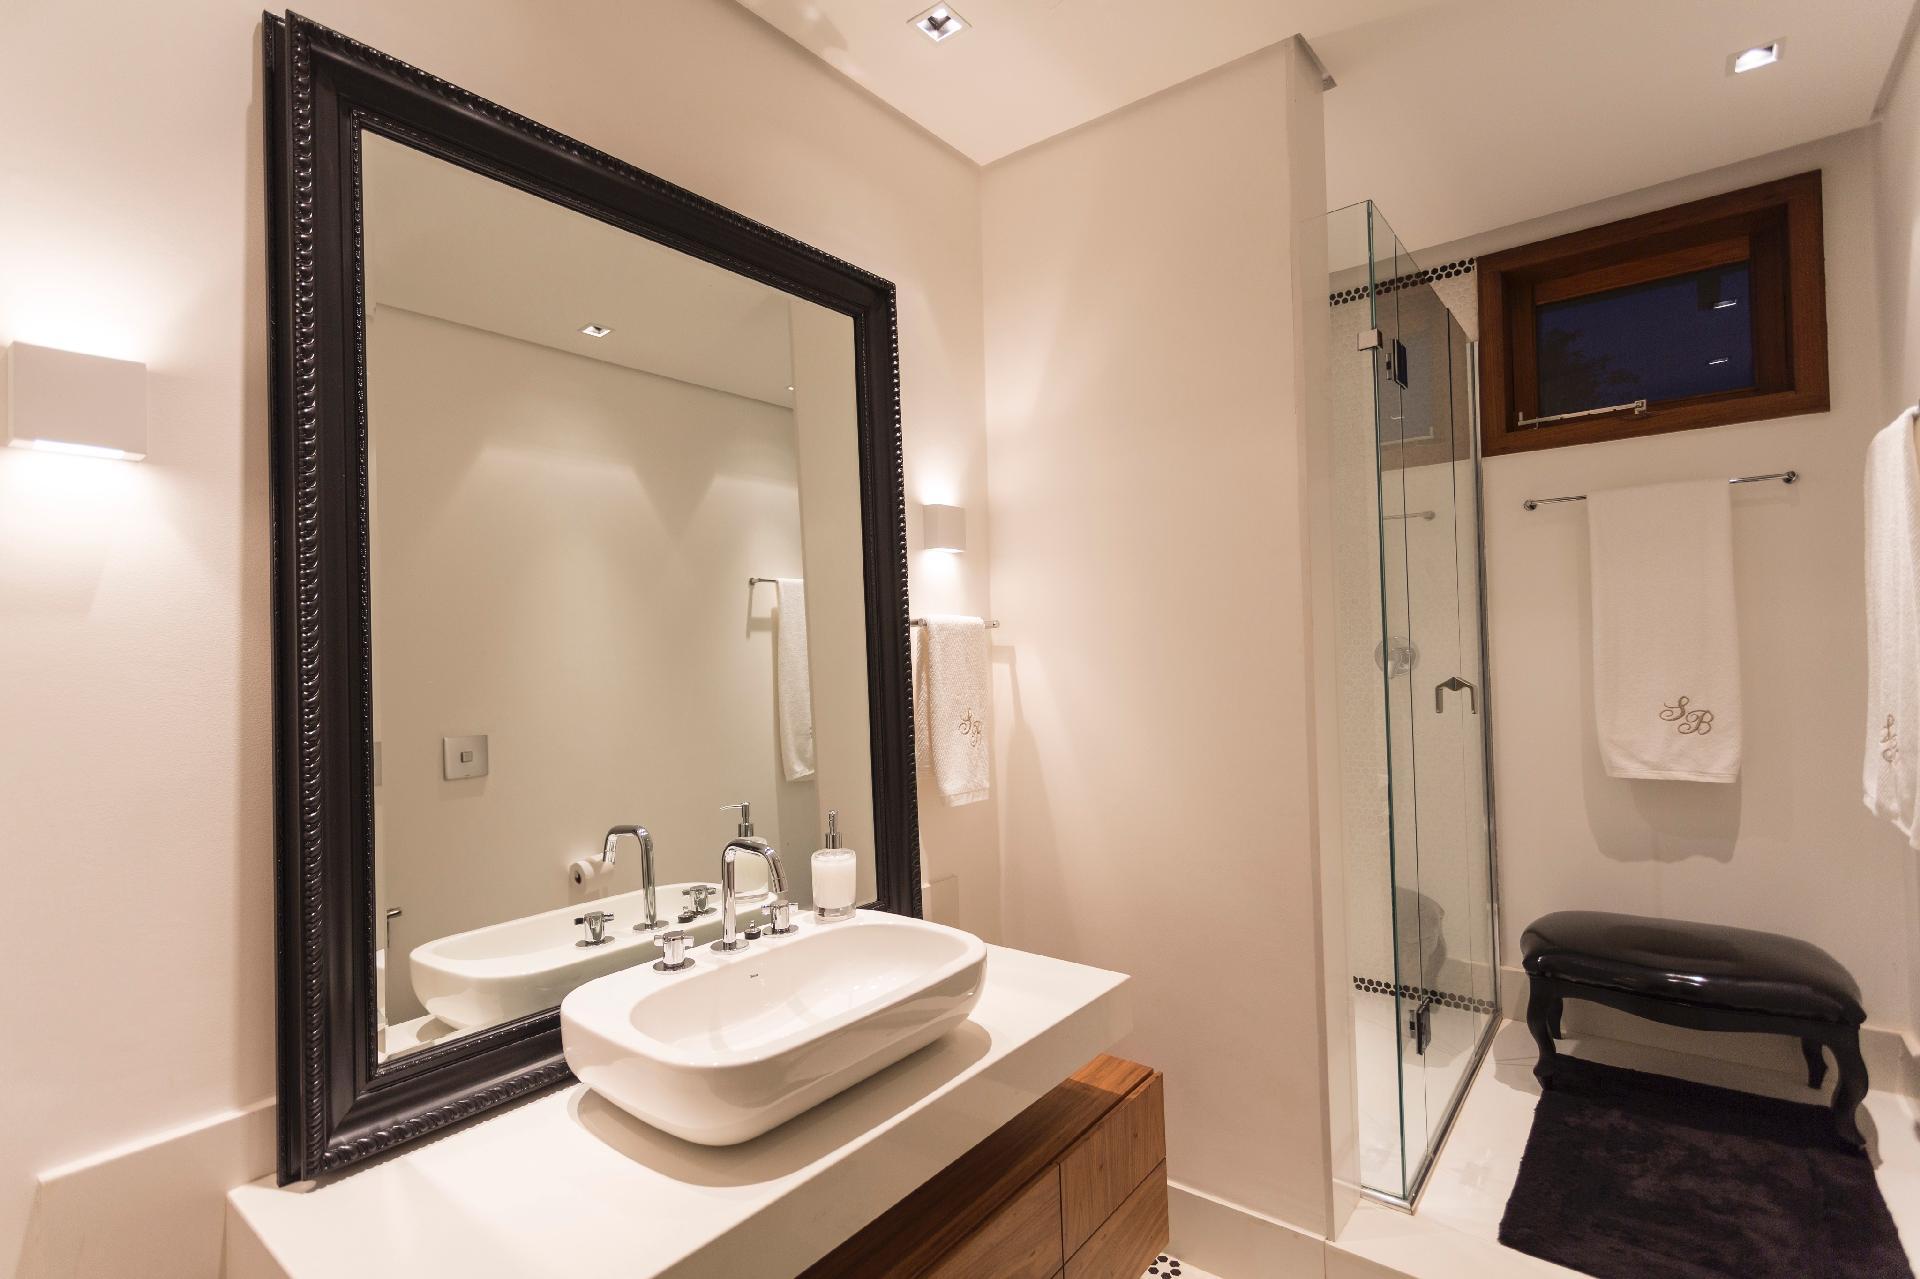 O arquiteto Maurício Karam decorou um dos banheiros da casa de campo com peças rústicas e ao mesmo tempo requintadas, como o espelho apoiado na bancada. A residência fica em condomínio luxuoso no interior de São Paulo